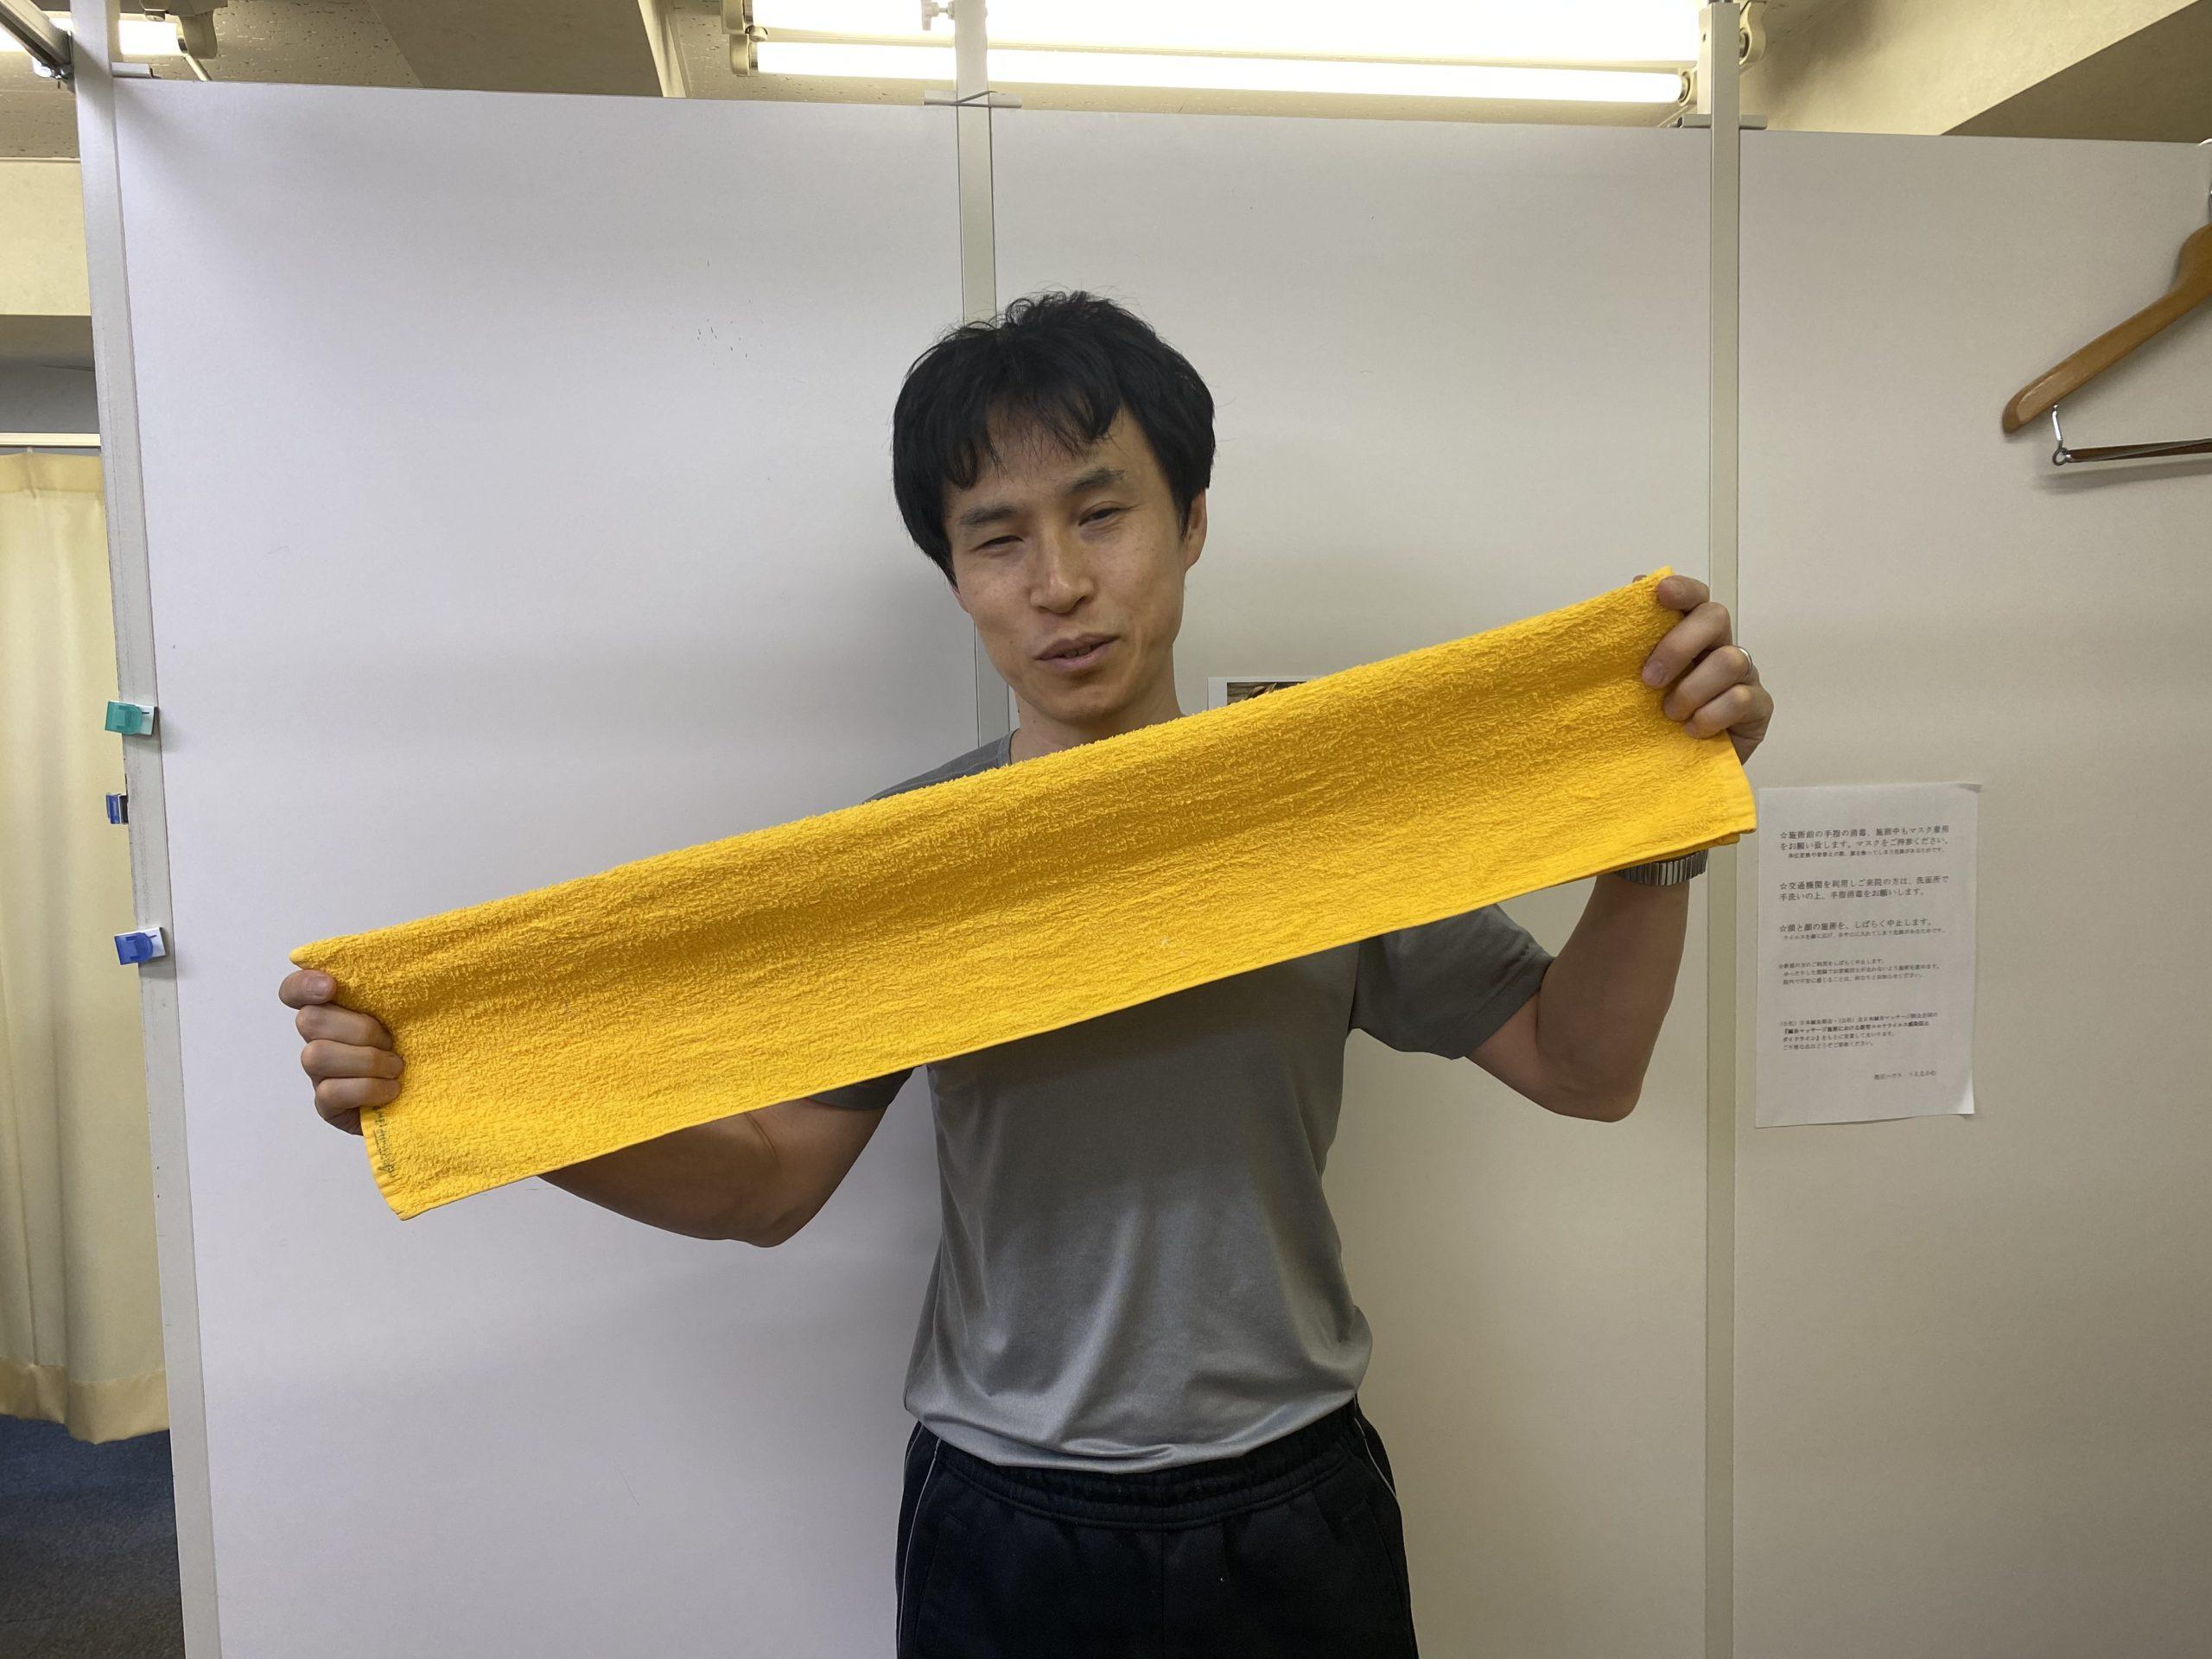 タオルを細長い二つ折りにして持っている写真